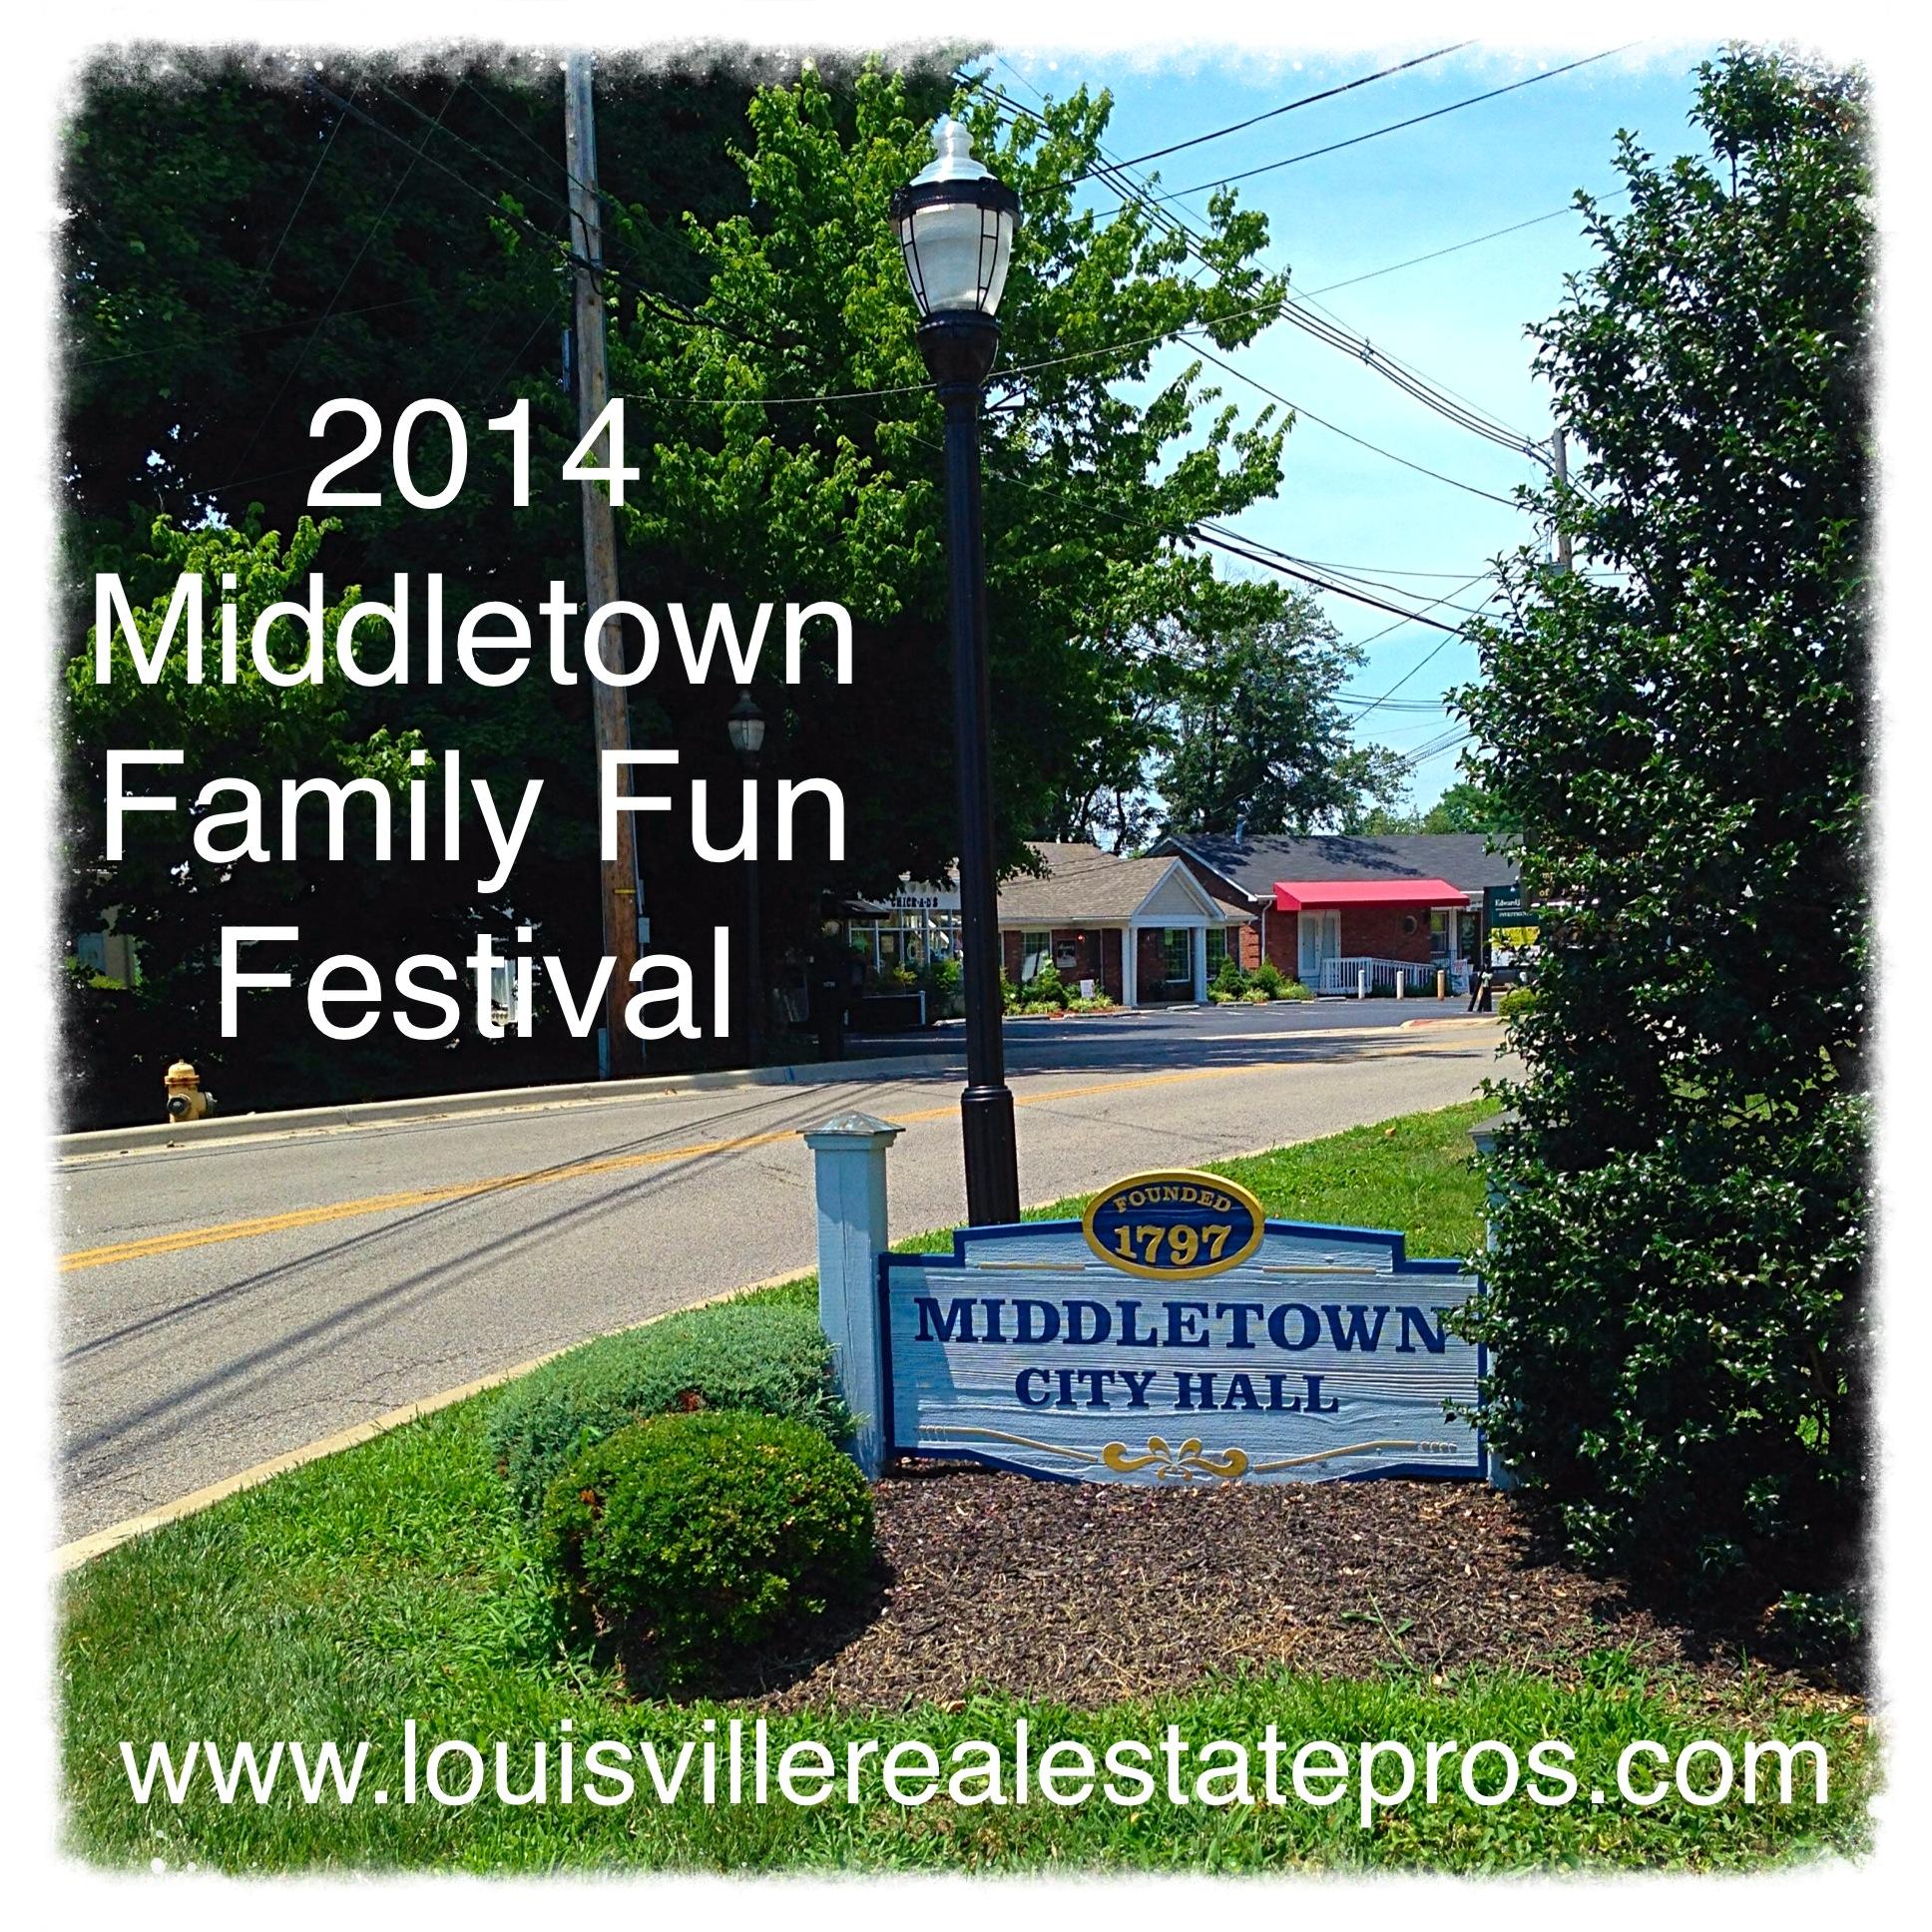 2014 Middletown Family Fun Festival